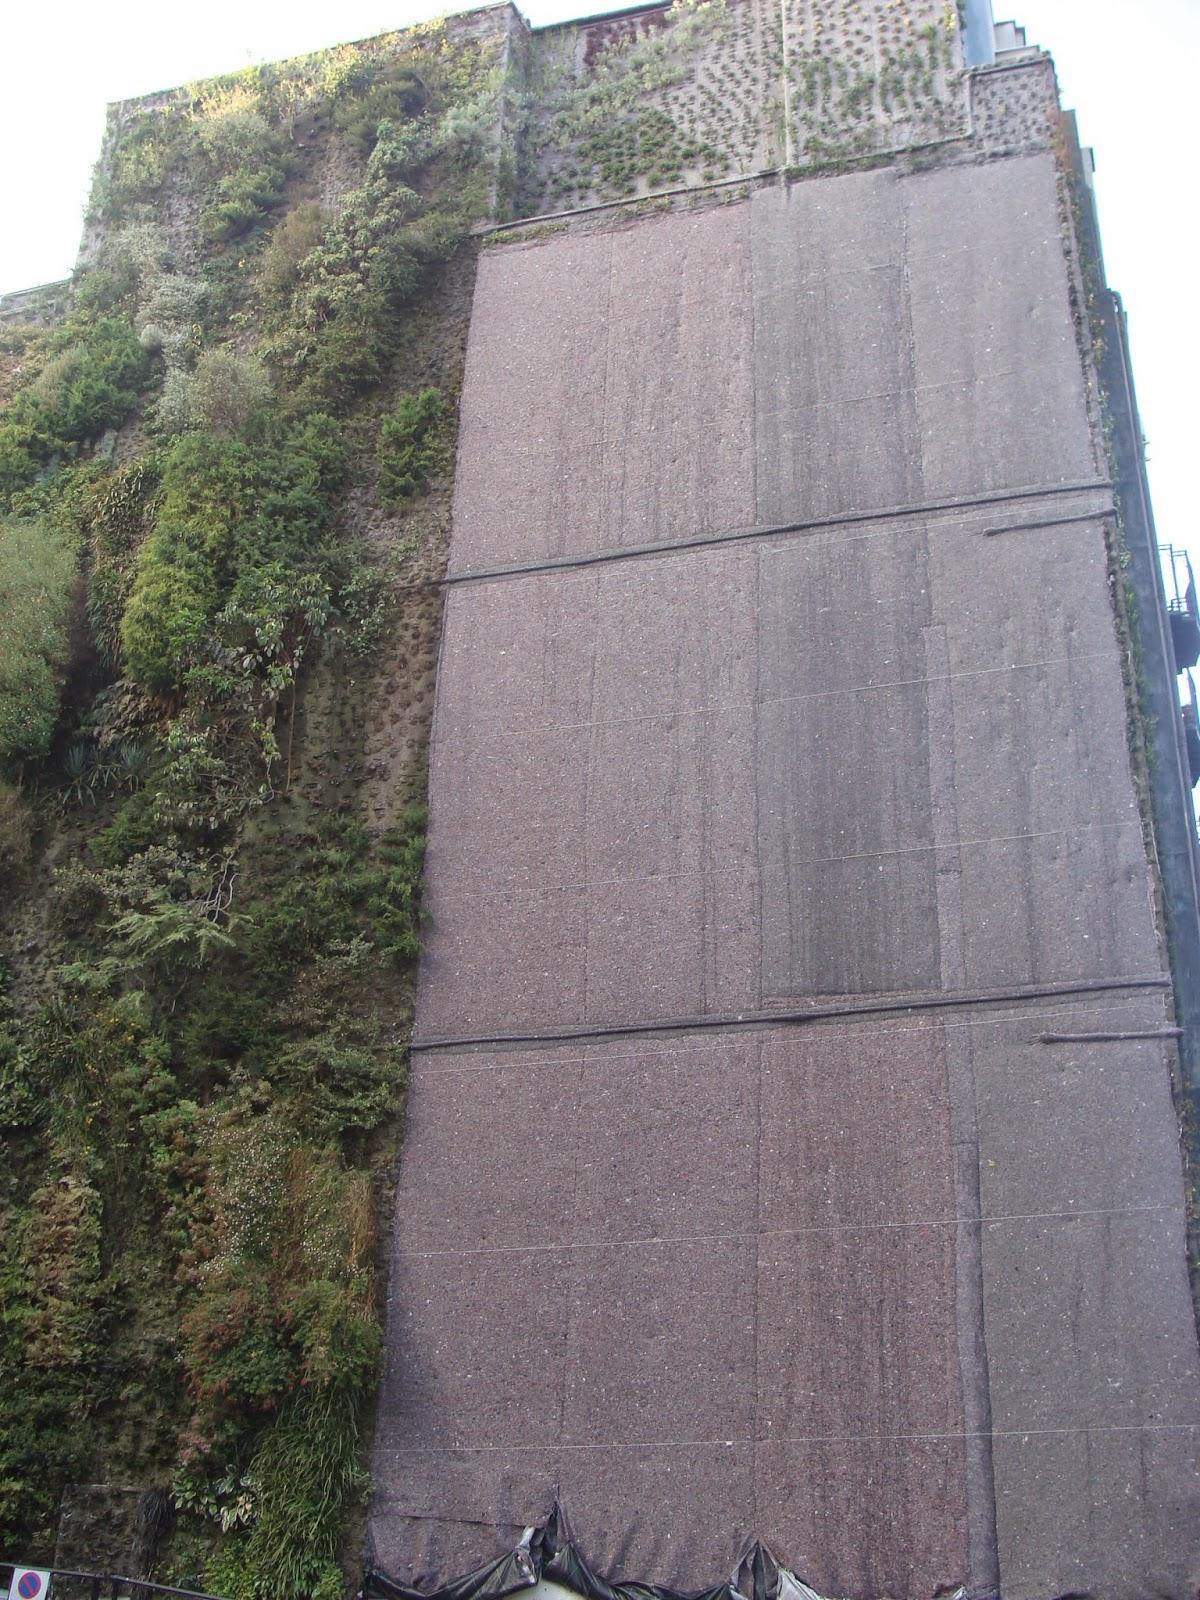 El rincon de un jardin jard n vertical en madrid for Jardin vertical madrid